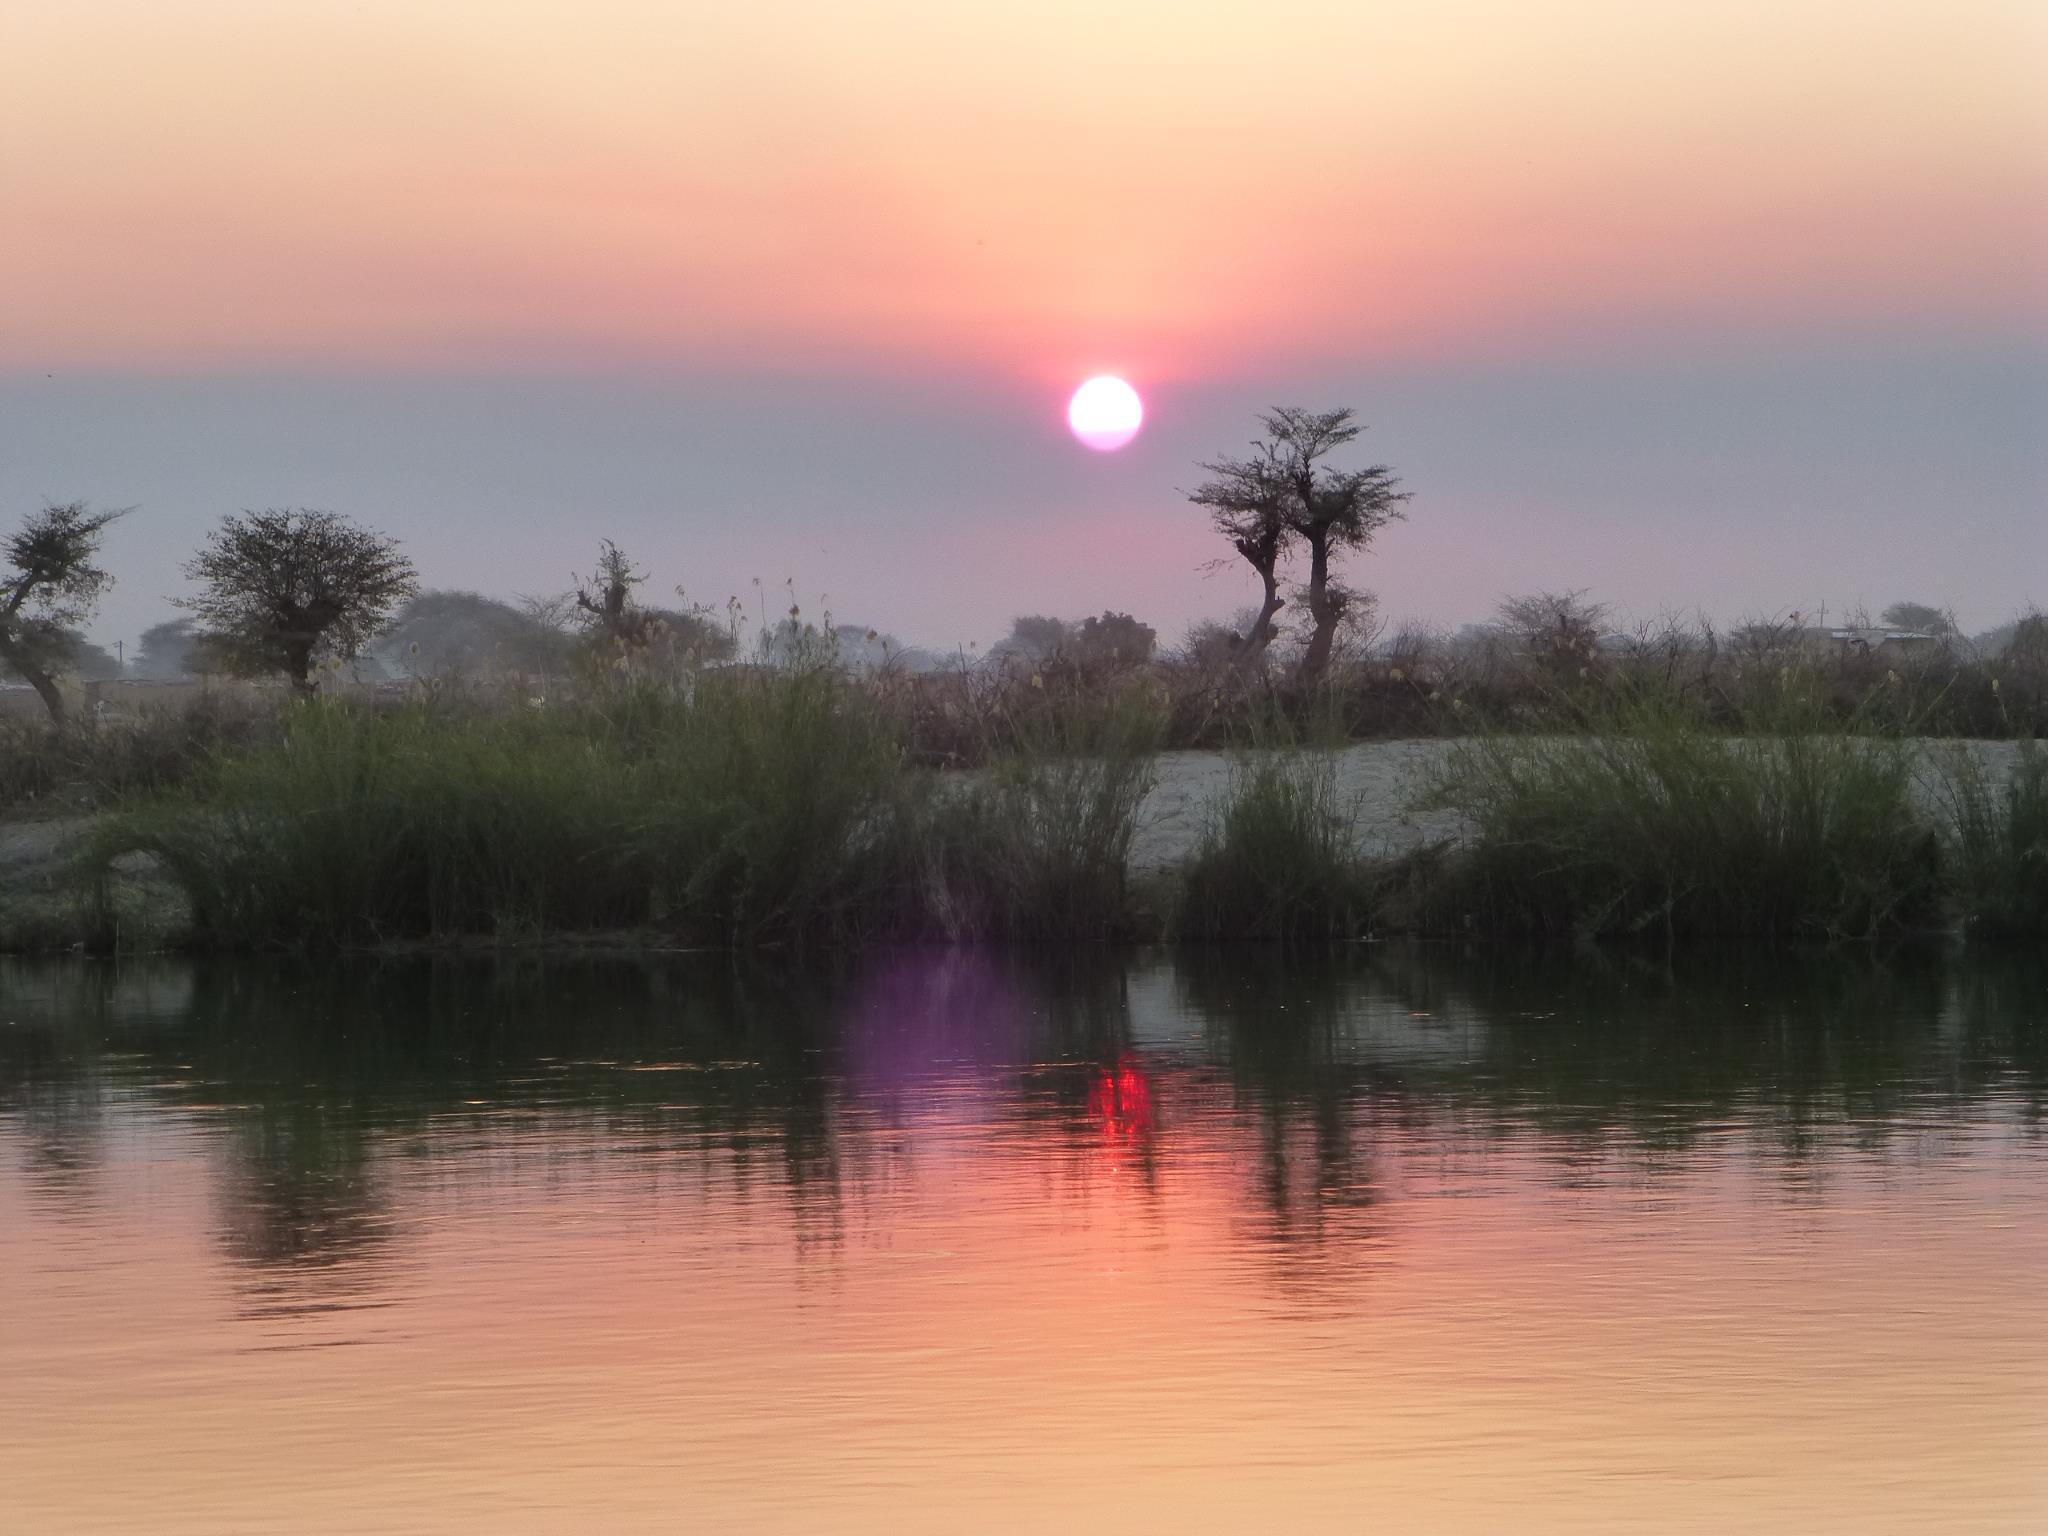 namibia-angola-border-sunset